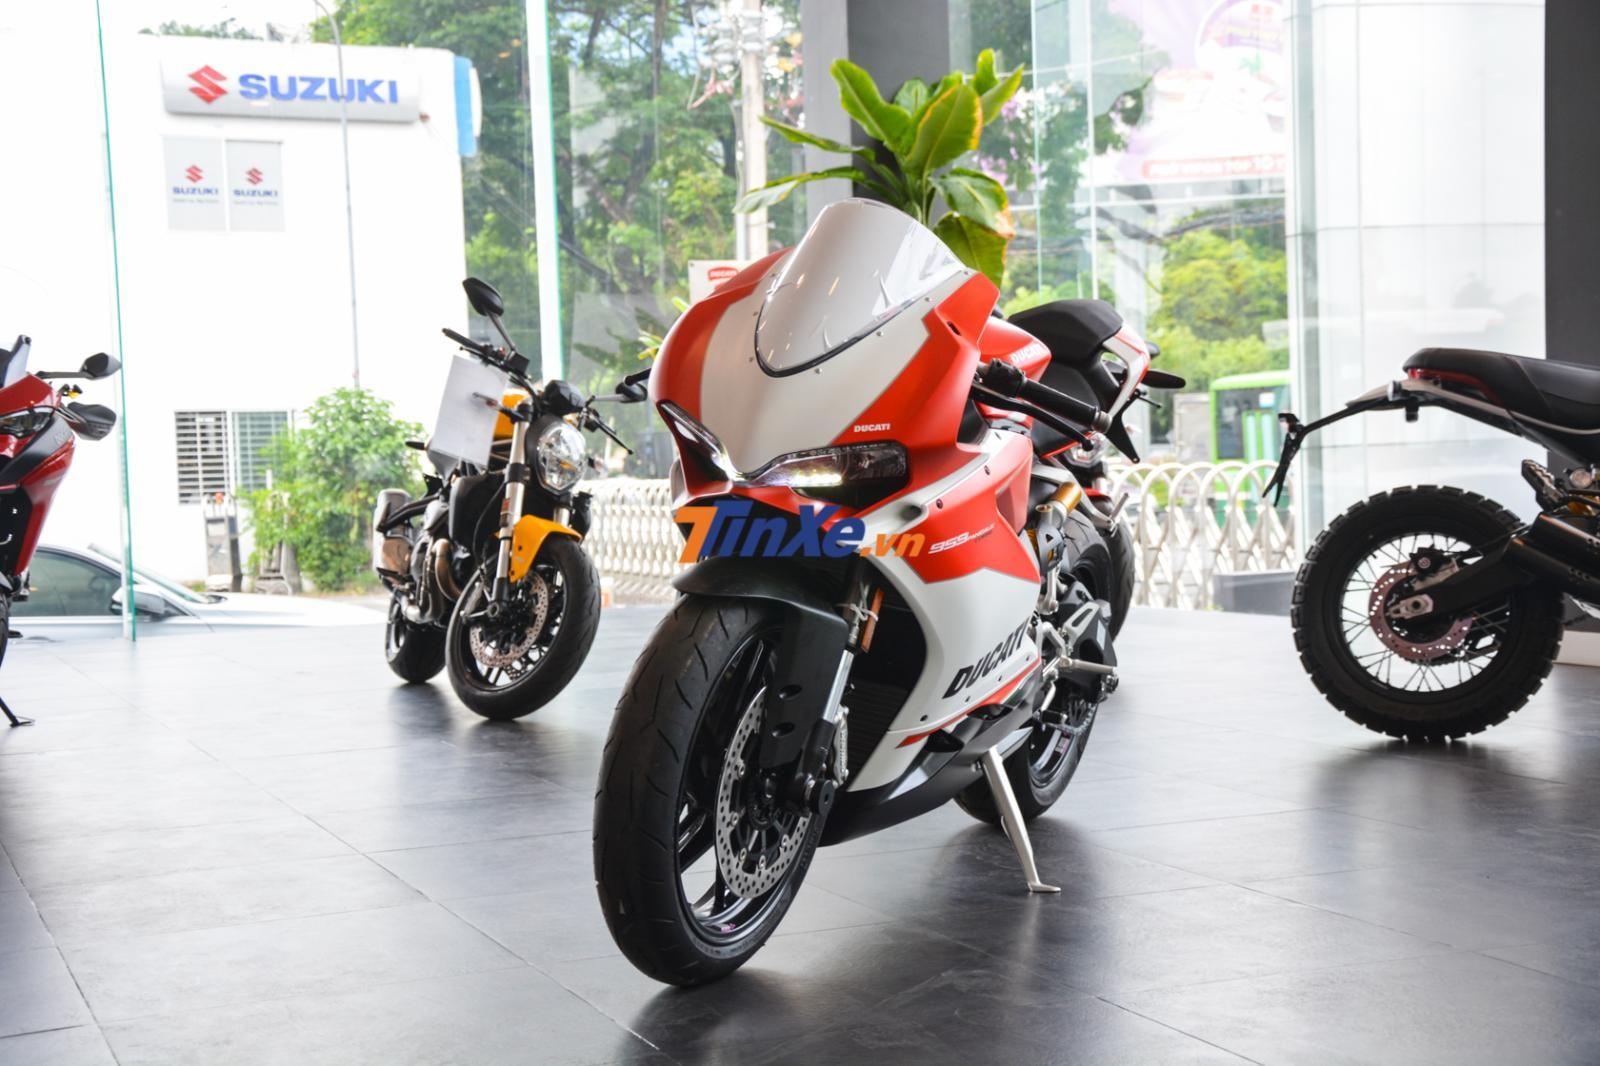 Ducati 959 Panigale Corse là phiên bản đặc biệt của Ducati 959 Panigale